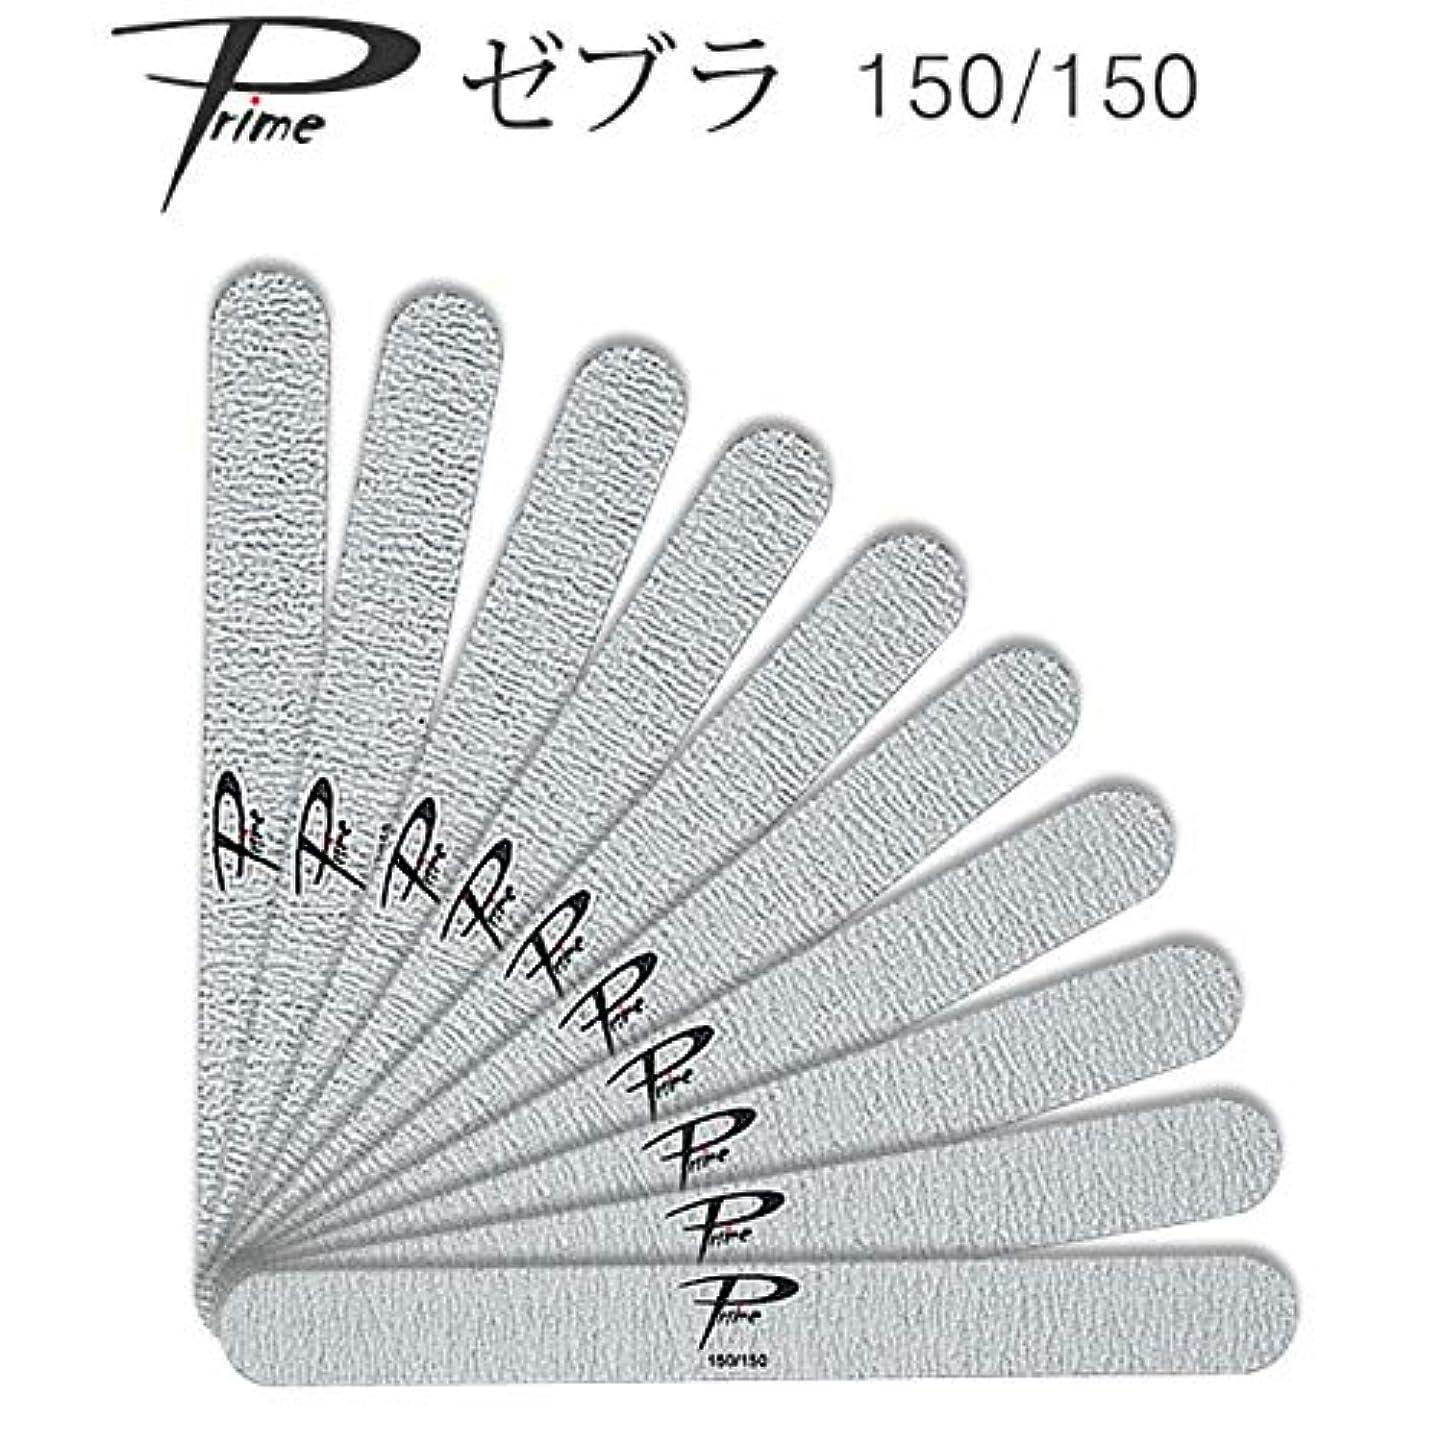 木製評価促進する10本セット Prime ゼブラファイル 150/150